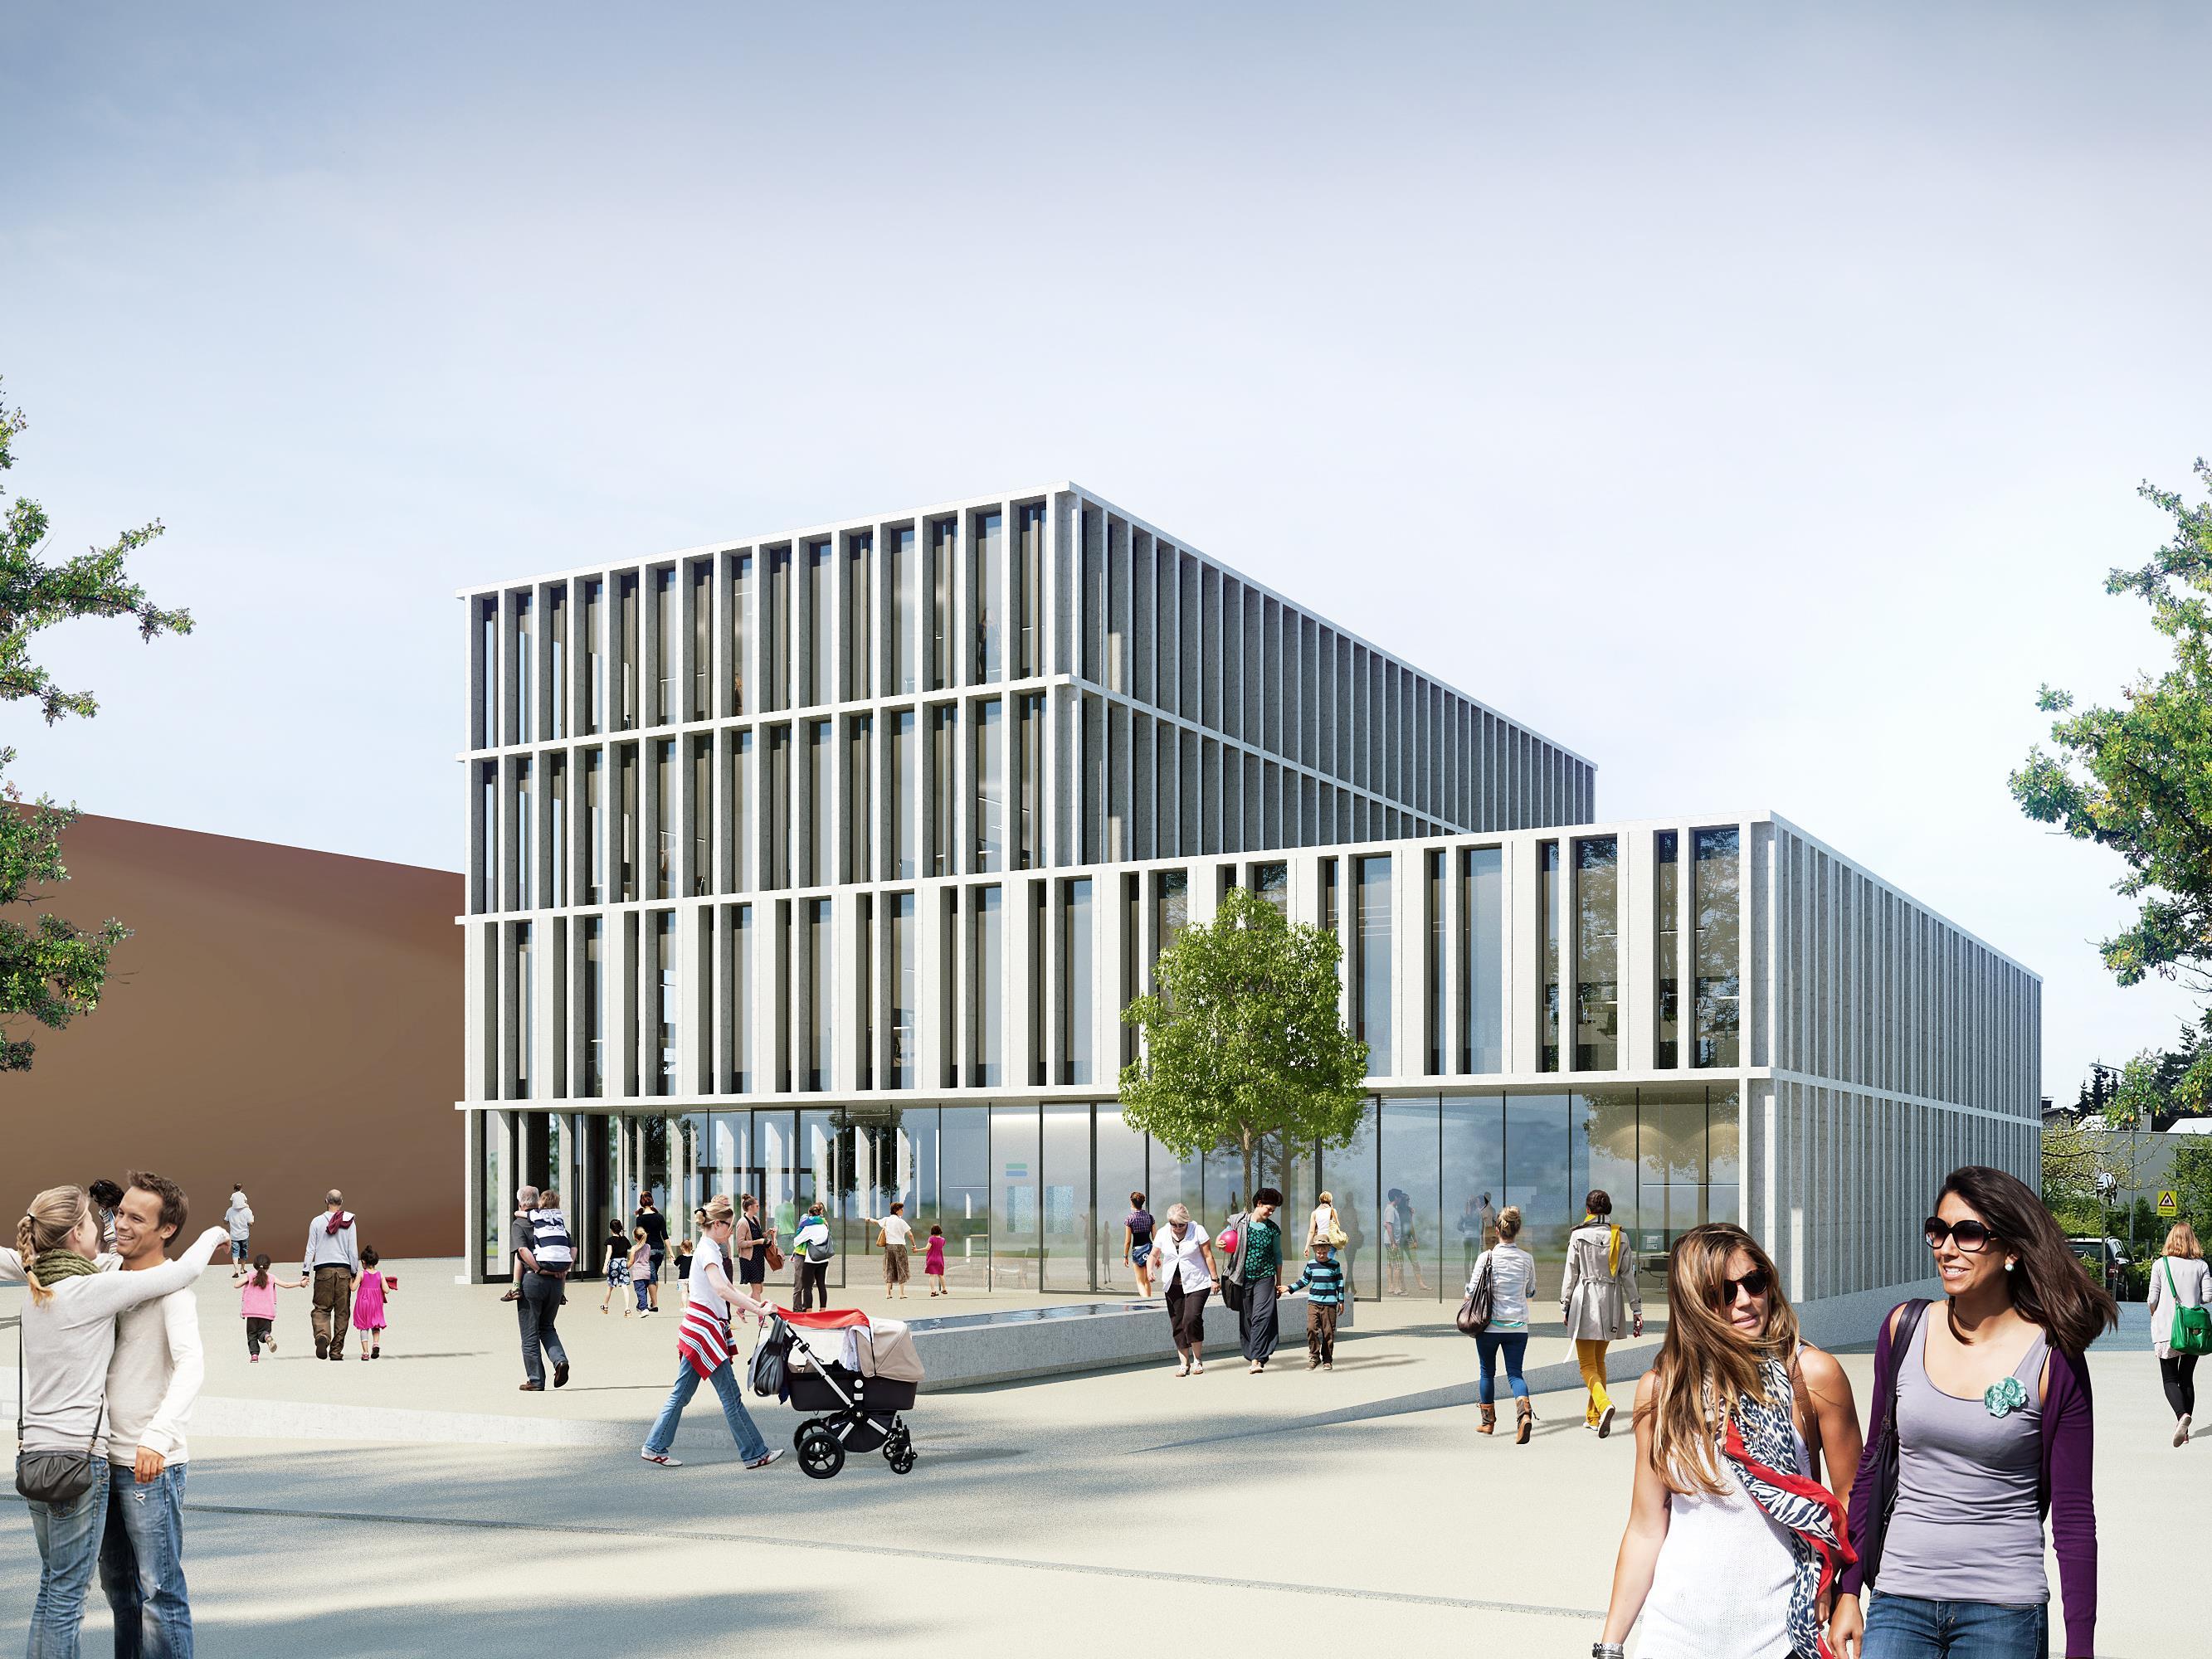 """Das in die Jahre gekommene Lochauer Gemeindeamt soll durch ein attraktives und funktionelles """"Gemeinschaftshaus der Zukunft"""" ersetzt werden."""